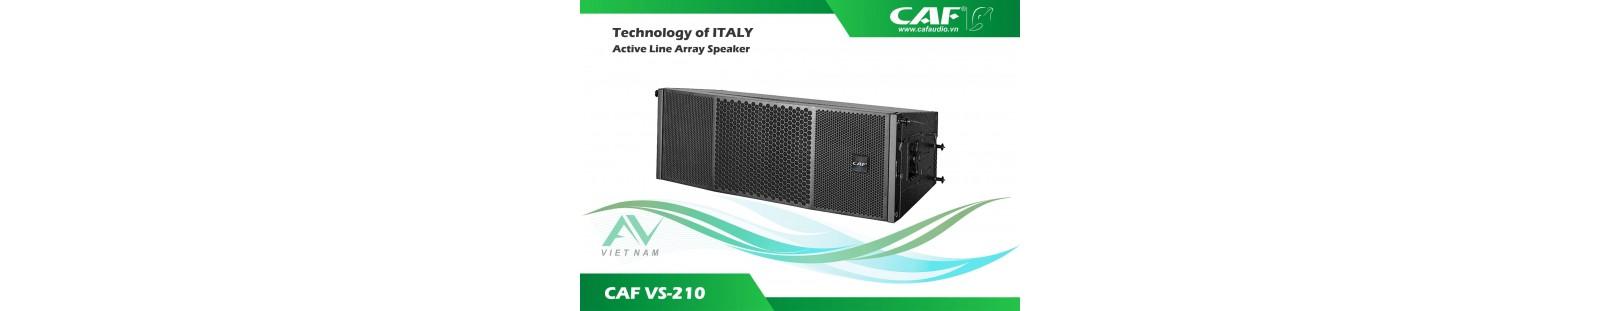 CAF VS 210